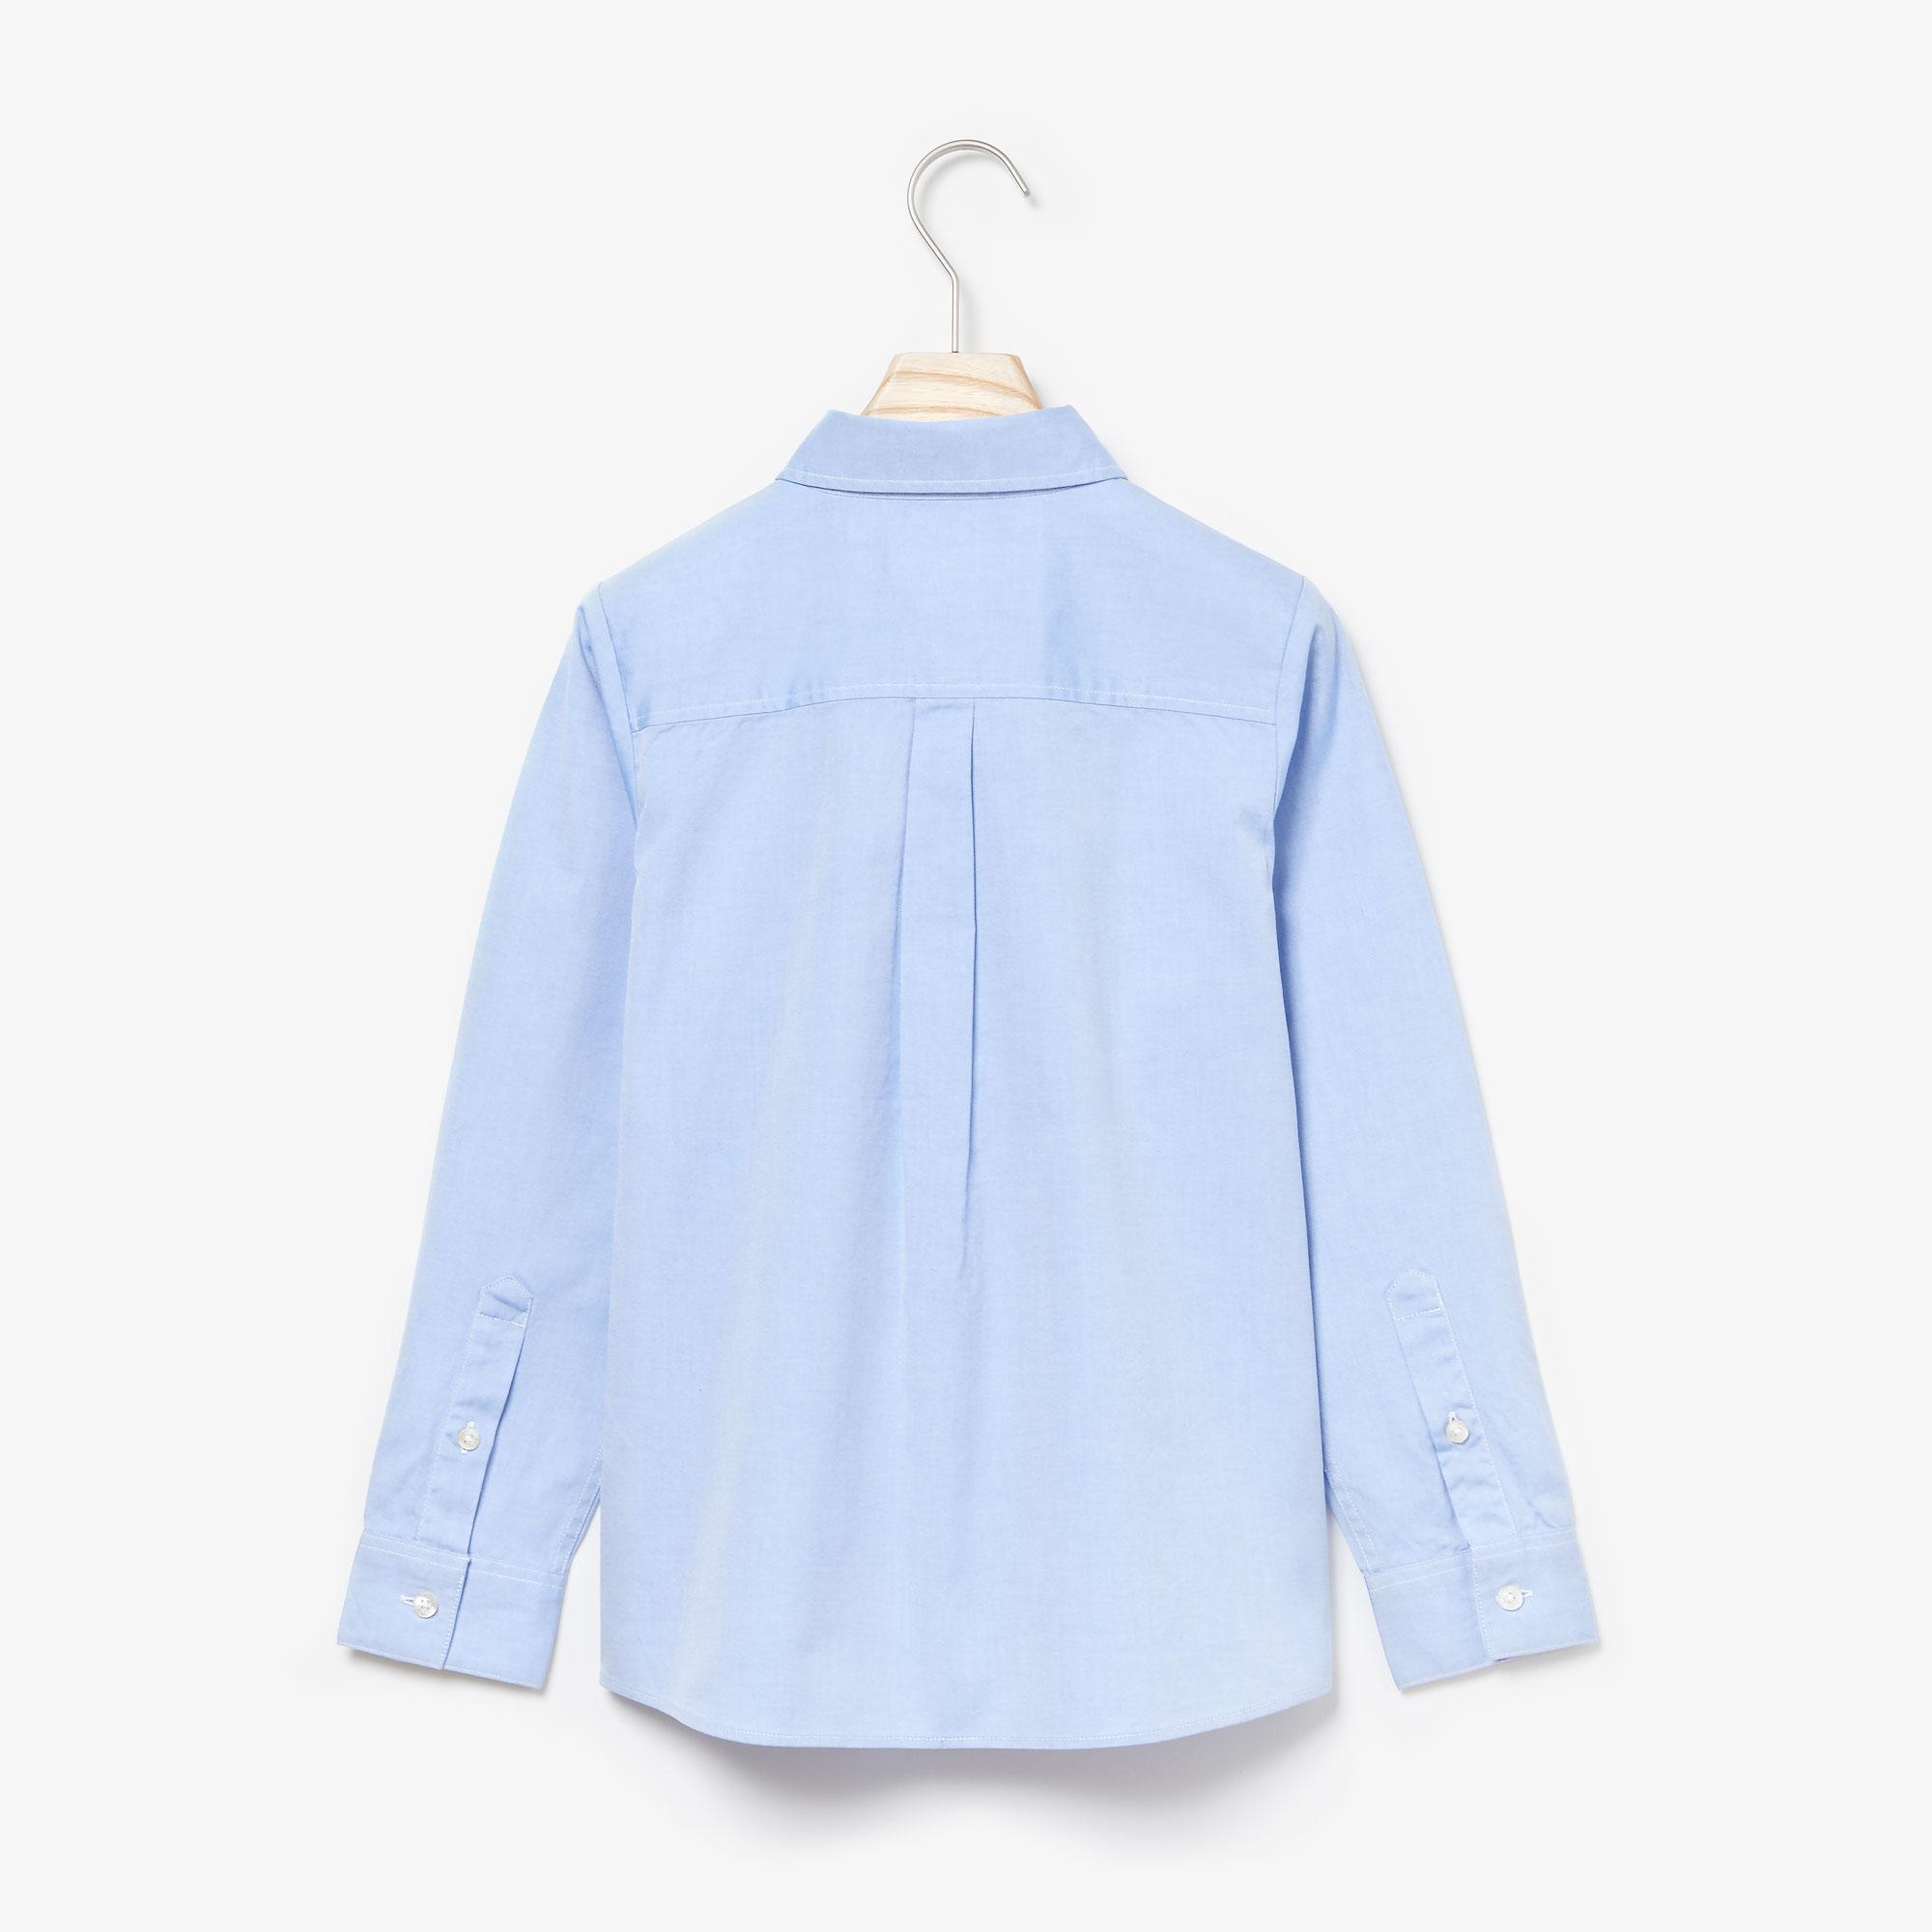 Lacoste Children Long Sleeve woven shirt